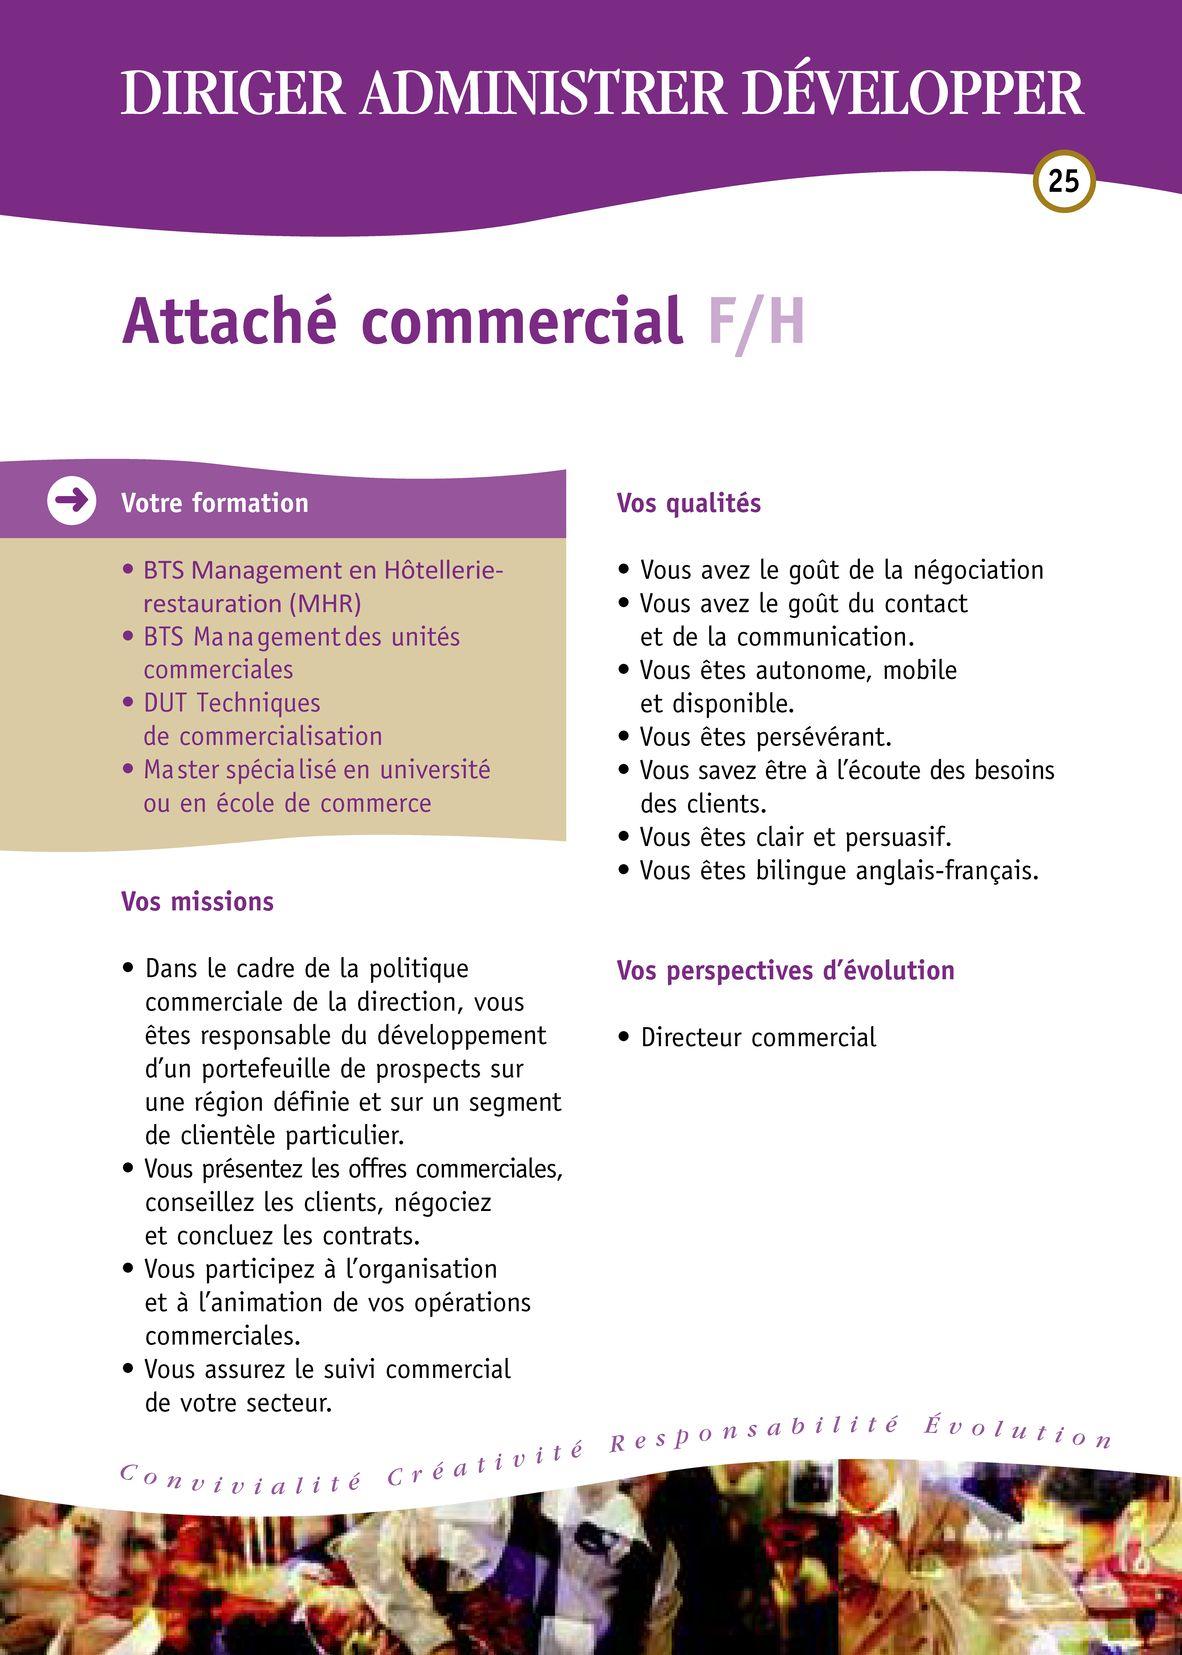 Fiches des métiers Hôtellerie-Restauration - Hôtellerie-Restauration Portfolio